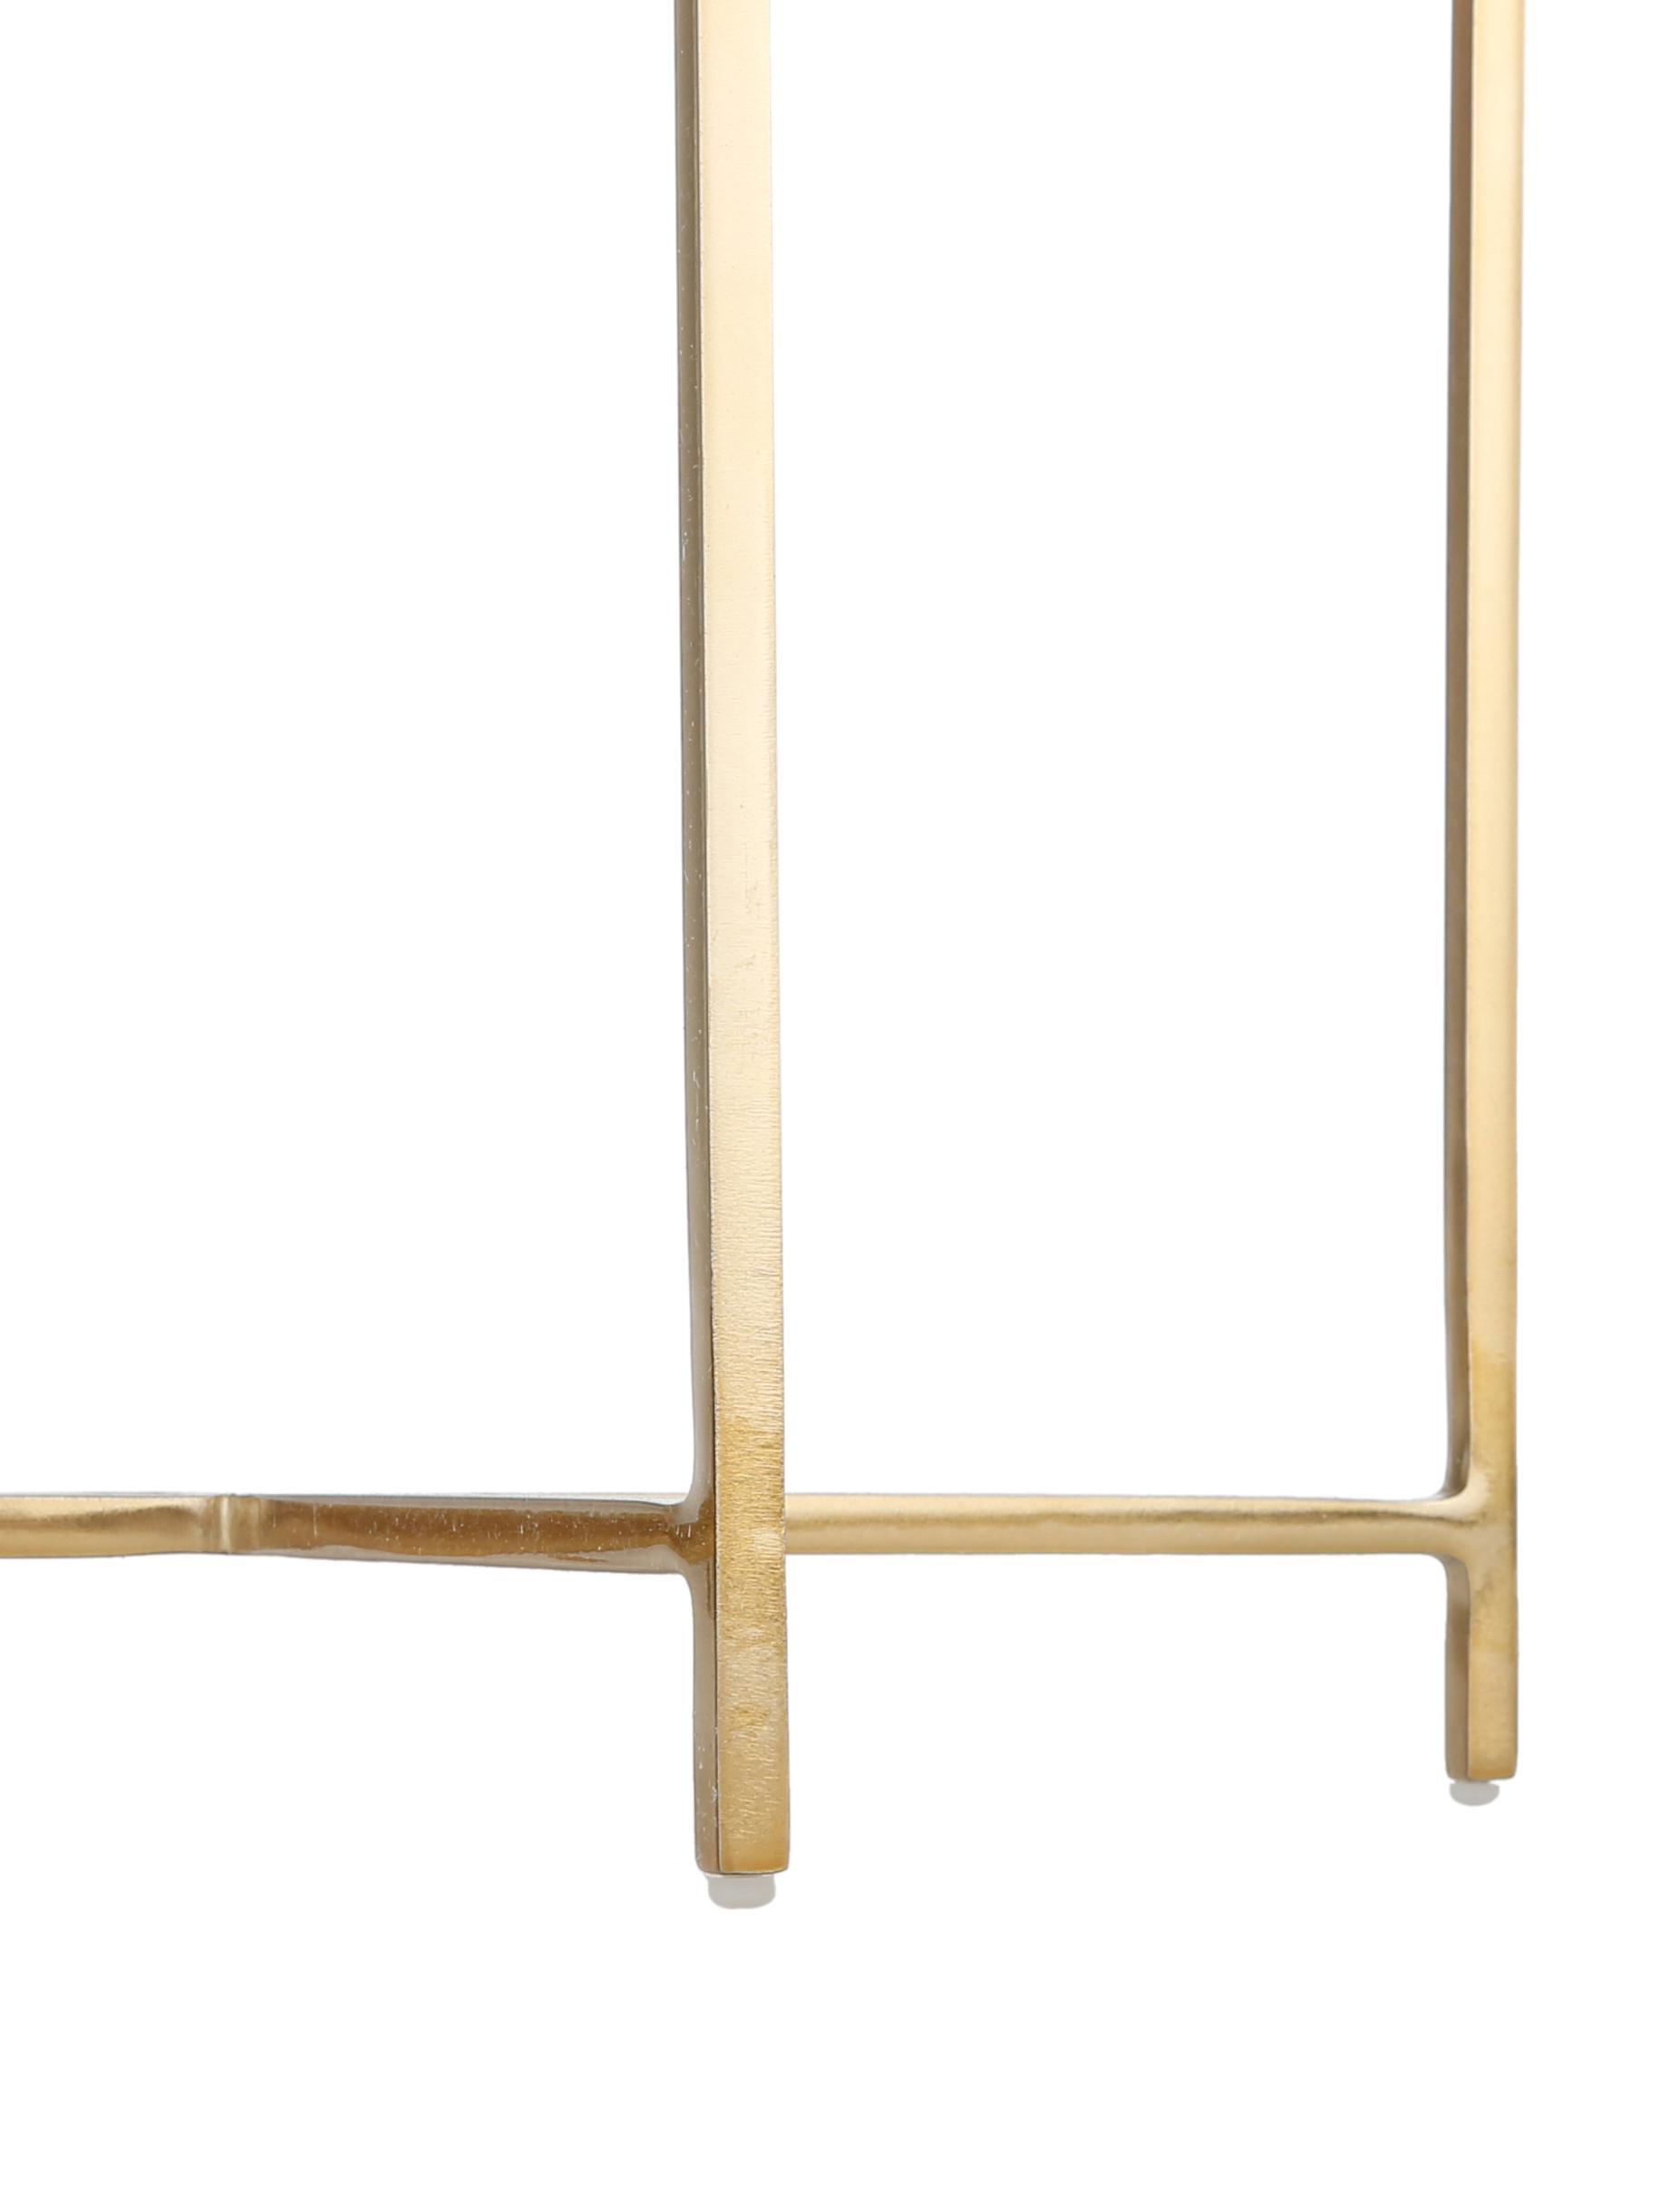 Stołek z aksamitu Madeleine, Tapicerka: aksamit bawełniany, Noga: metal malowany proszkowo, Tapicerka: blady różowy Noga: odcienie złotego, matowy, Ø 40 x W 50 cm